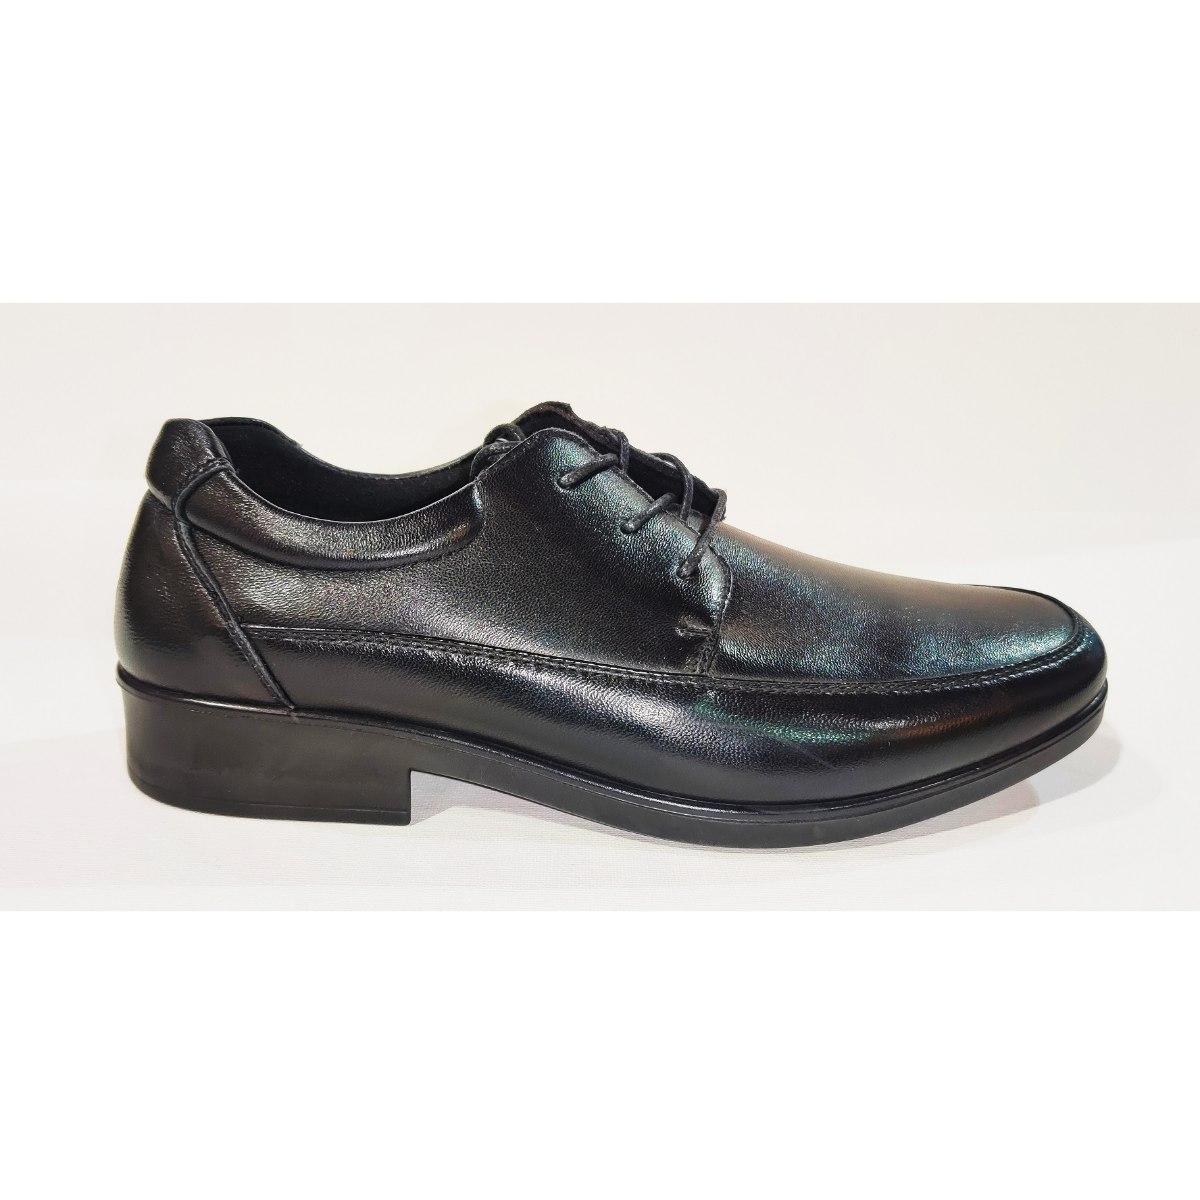 נעלי גברים - טראק קומפורט 954060